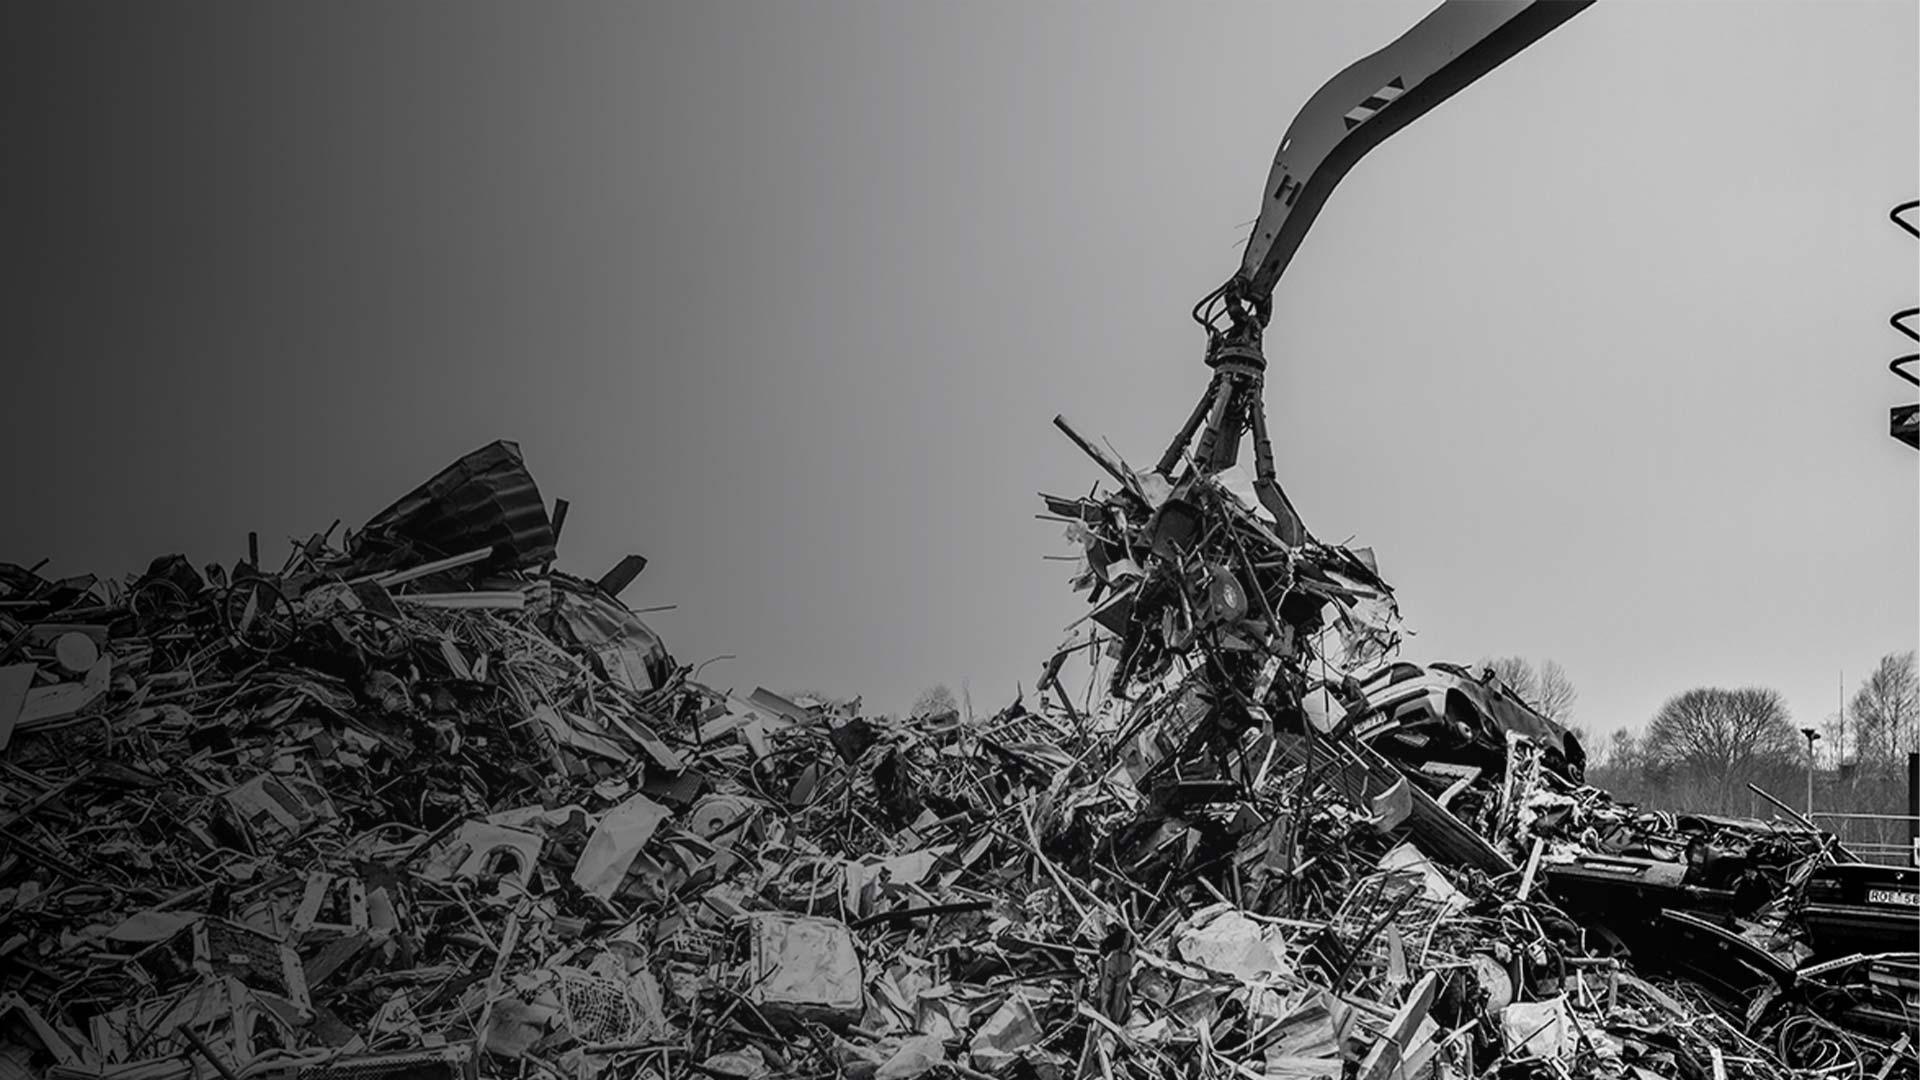 Équipements de démolition et de recyclage Hardox® In My Body